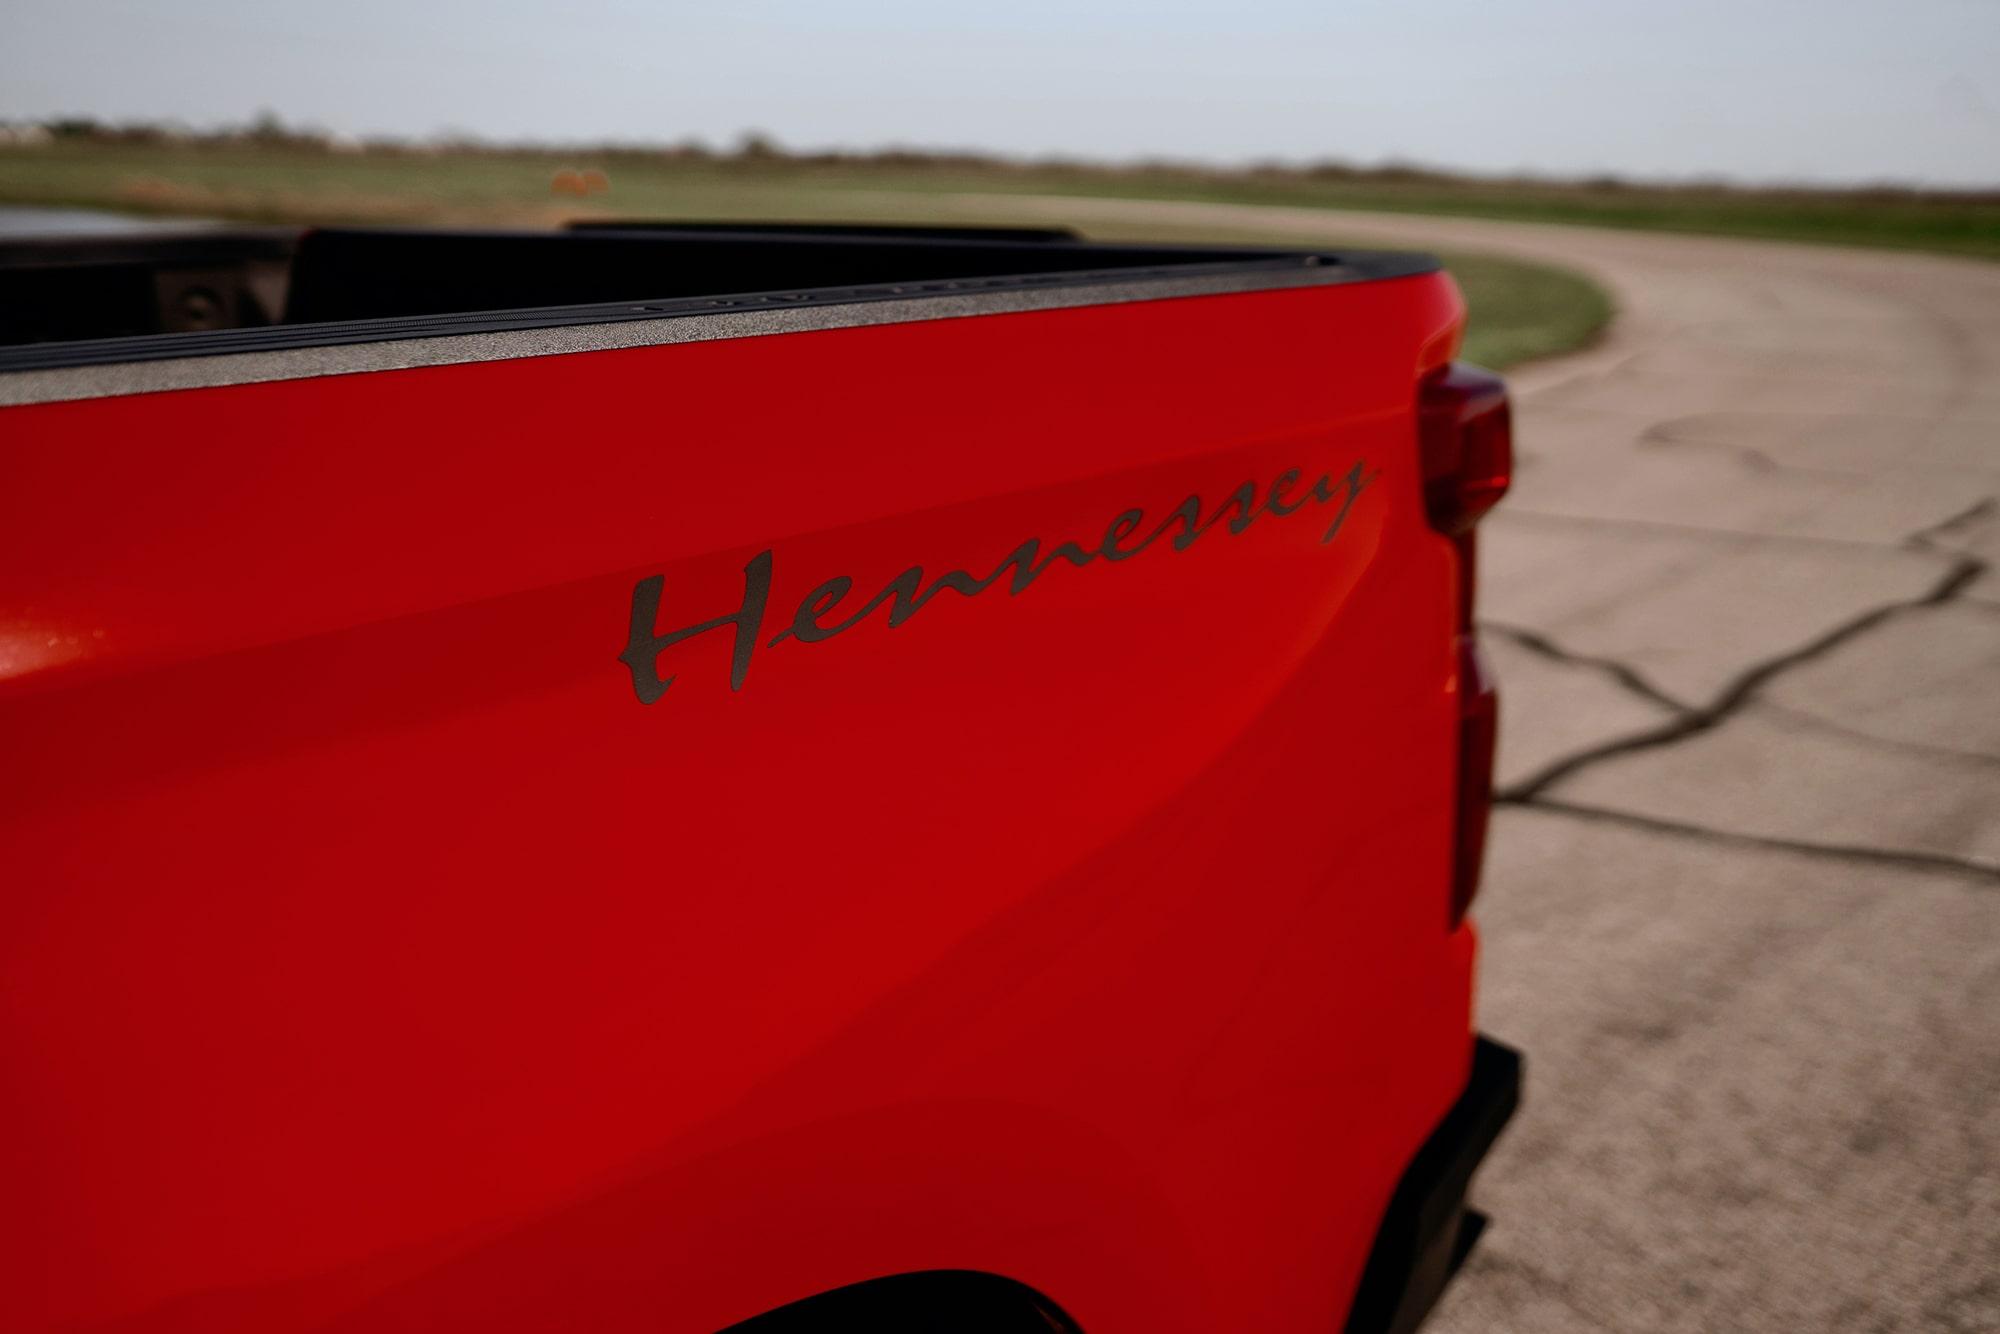 2020 Chevrolet Silverado 4X4 1500 Trail Boss 800 HP For Sale